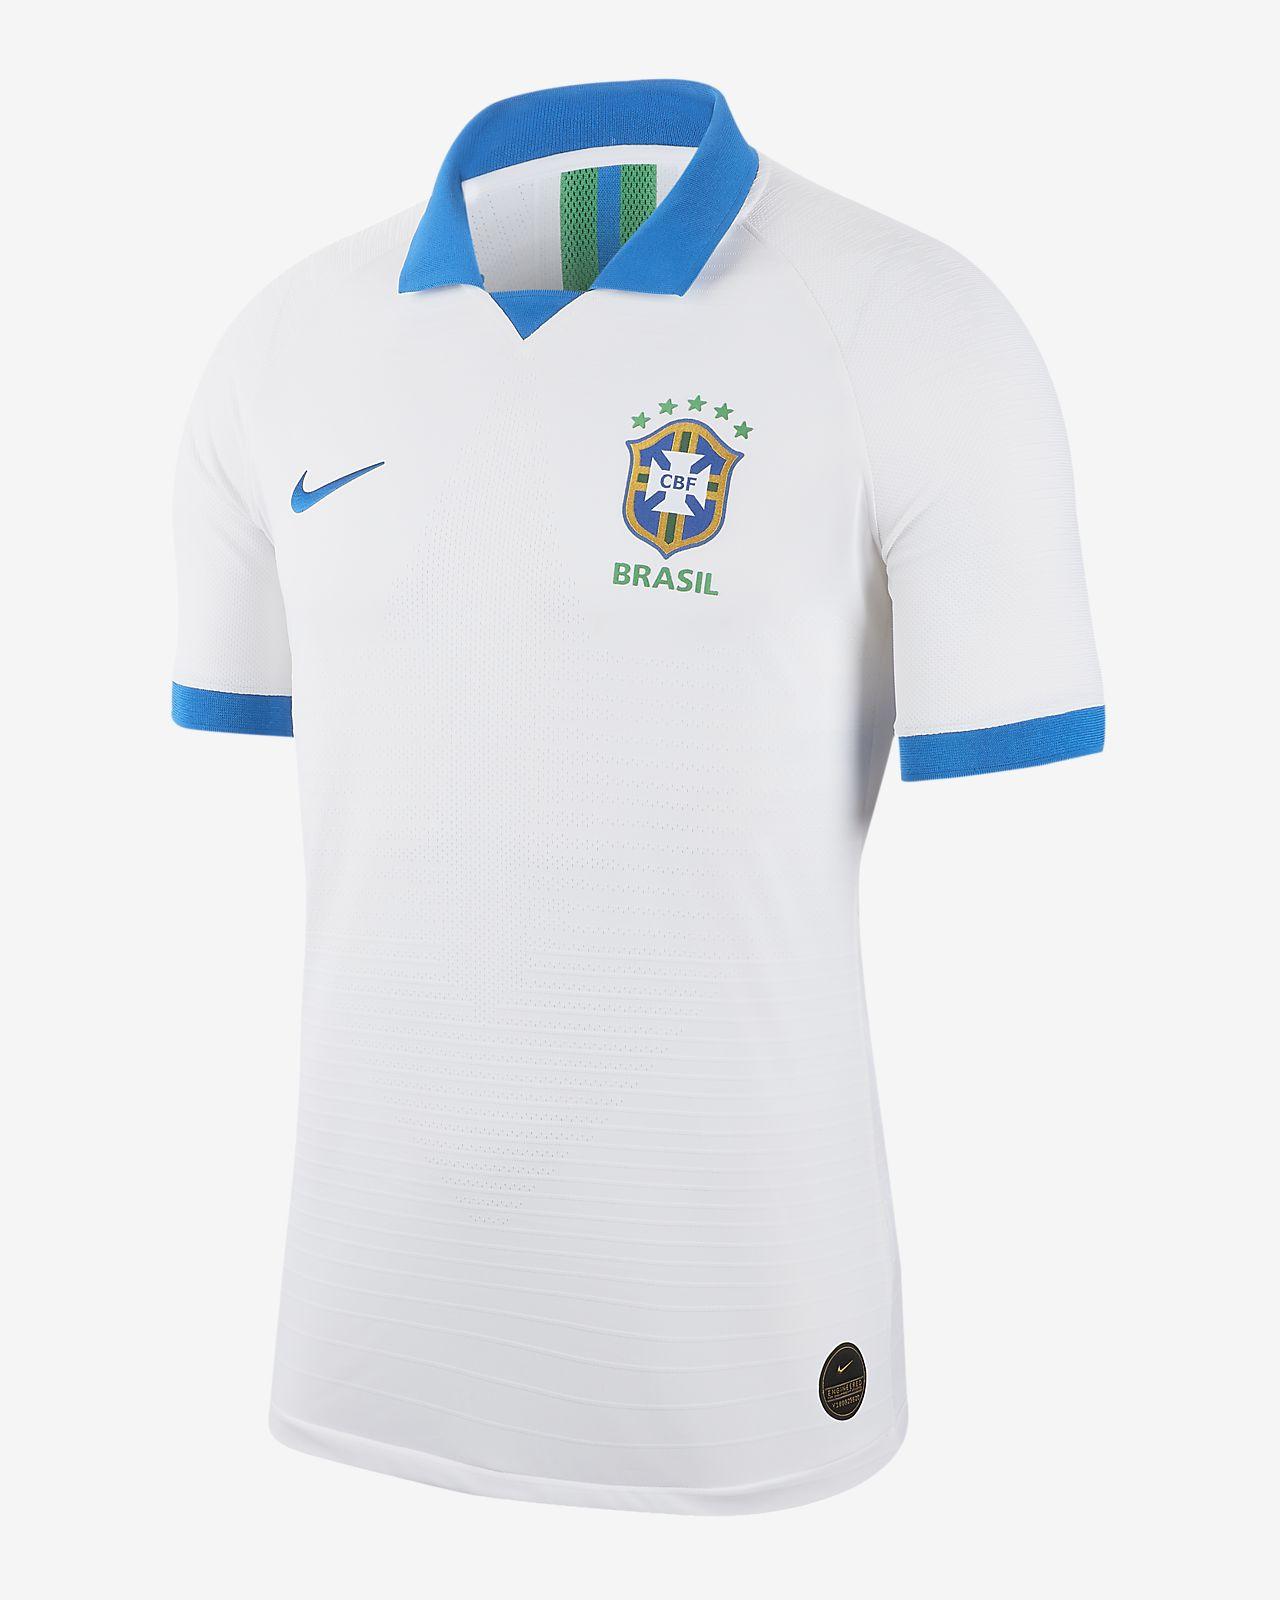 c8b6ee6e361bb Camiseta de visitante para hombre Brasil Vapor Match 2019. Nike.com MX